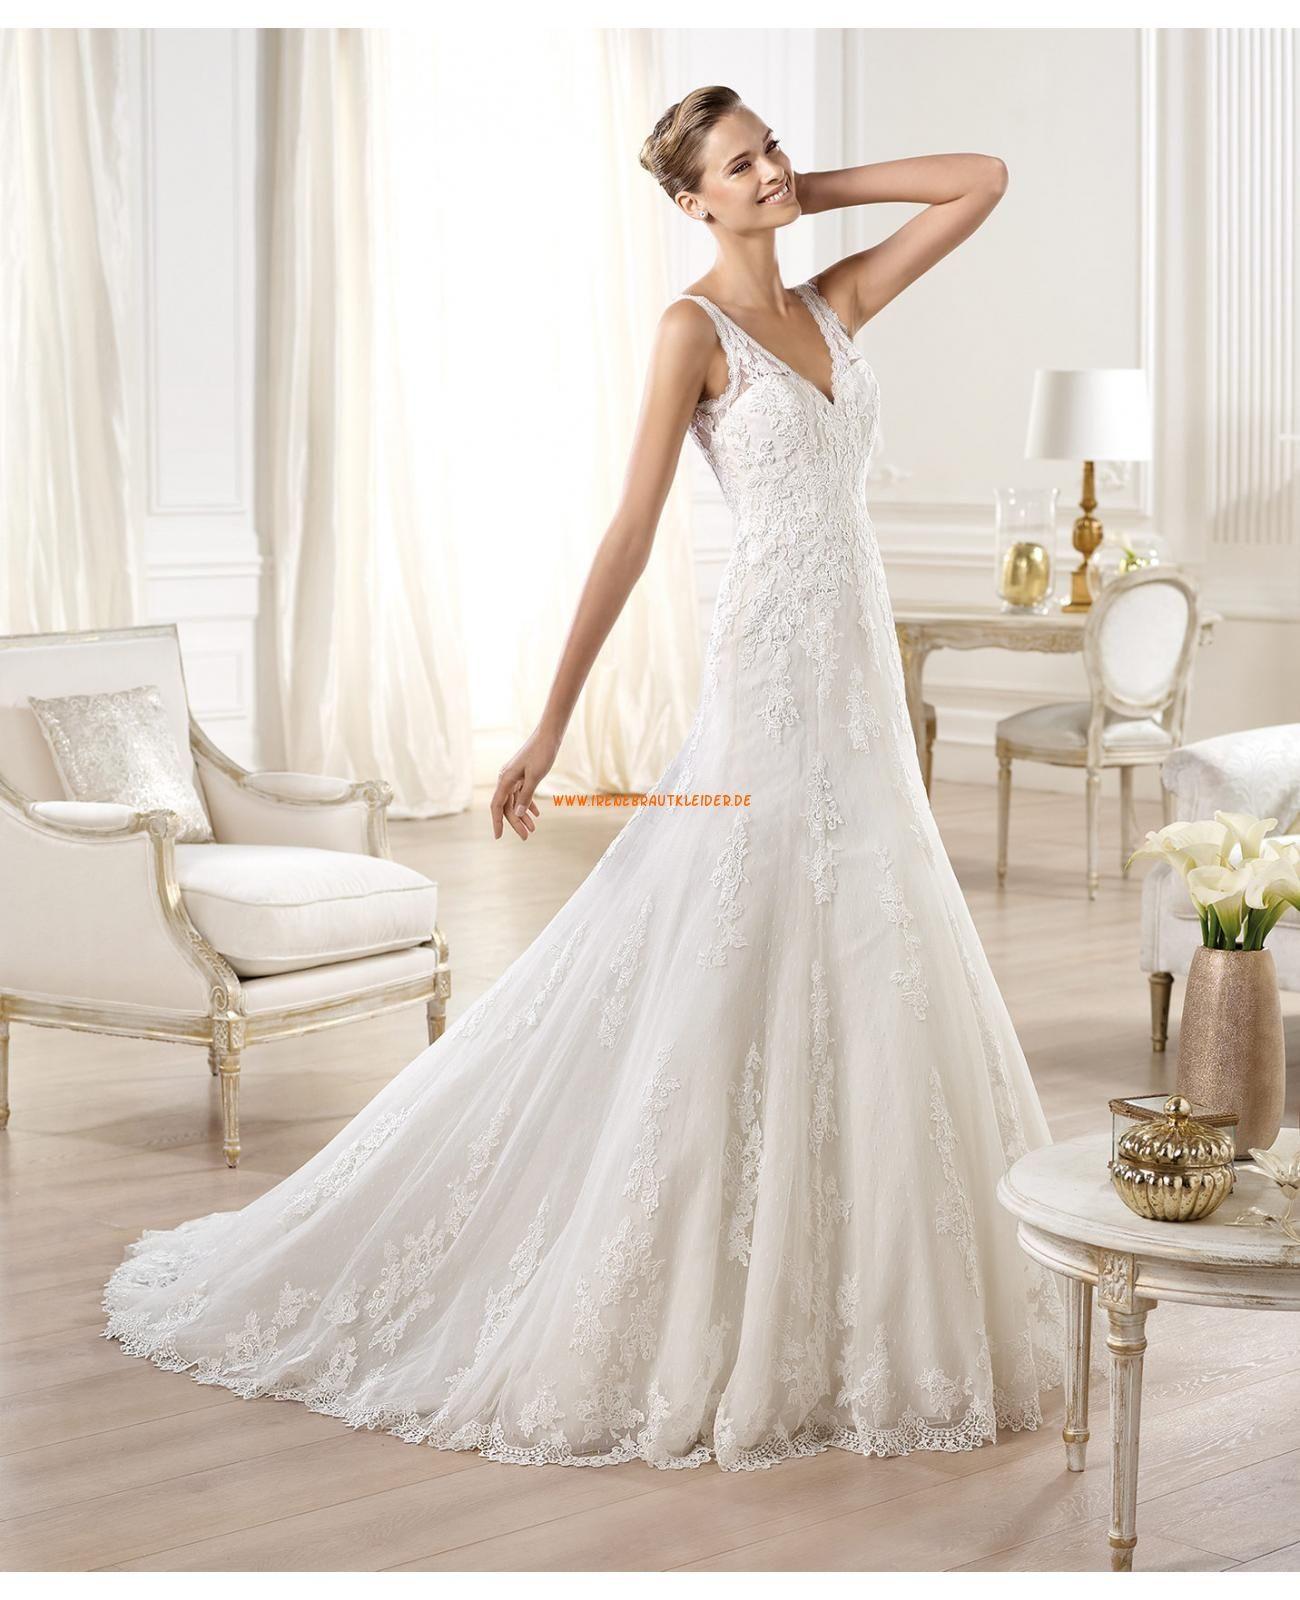 Glamouröse Aktuelle Hochzeitskleider Aus Softnetz Brautsträuße